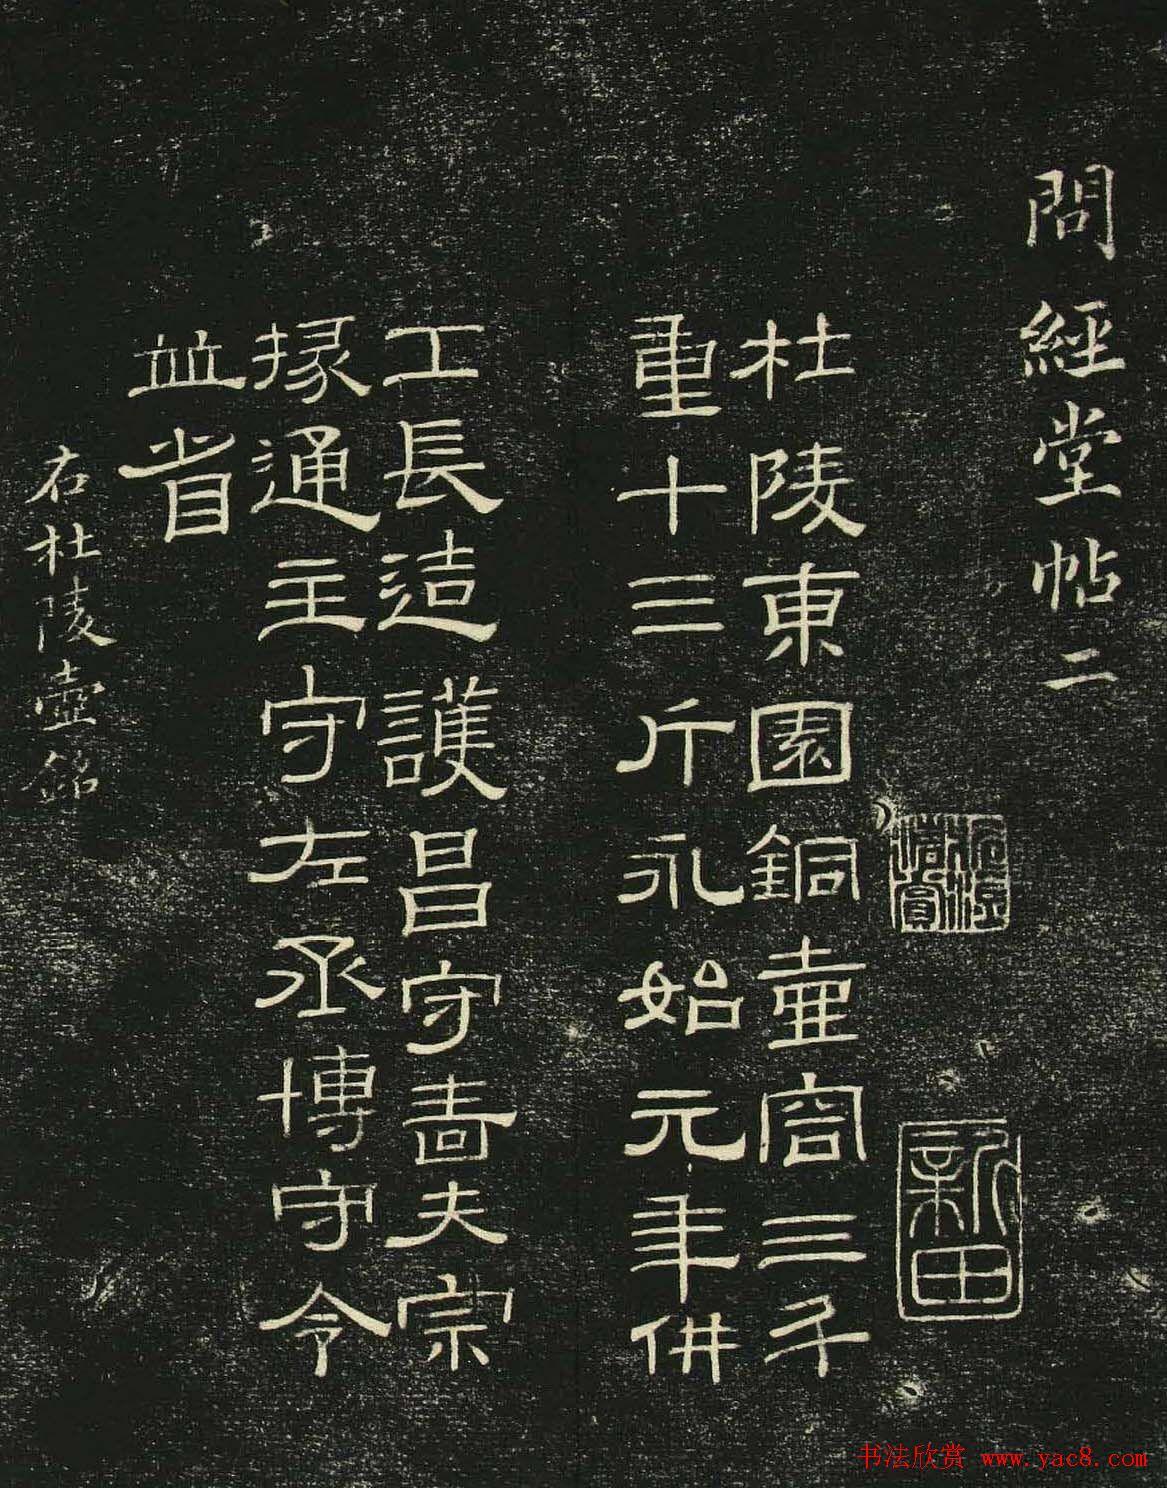 清代隶书碑帖欣赏《问经堂帖》第二卷